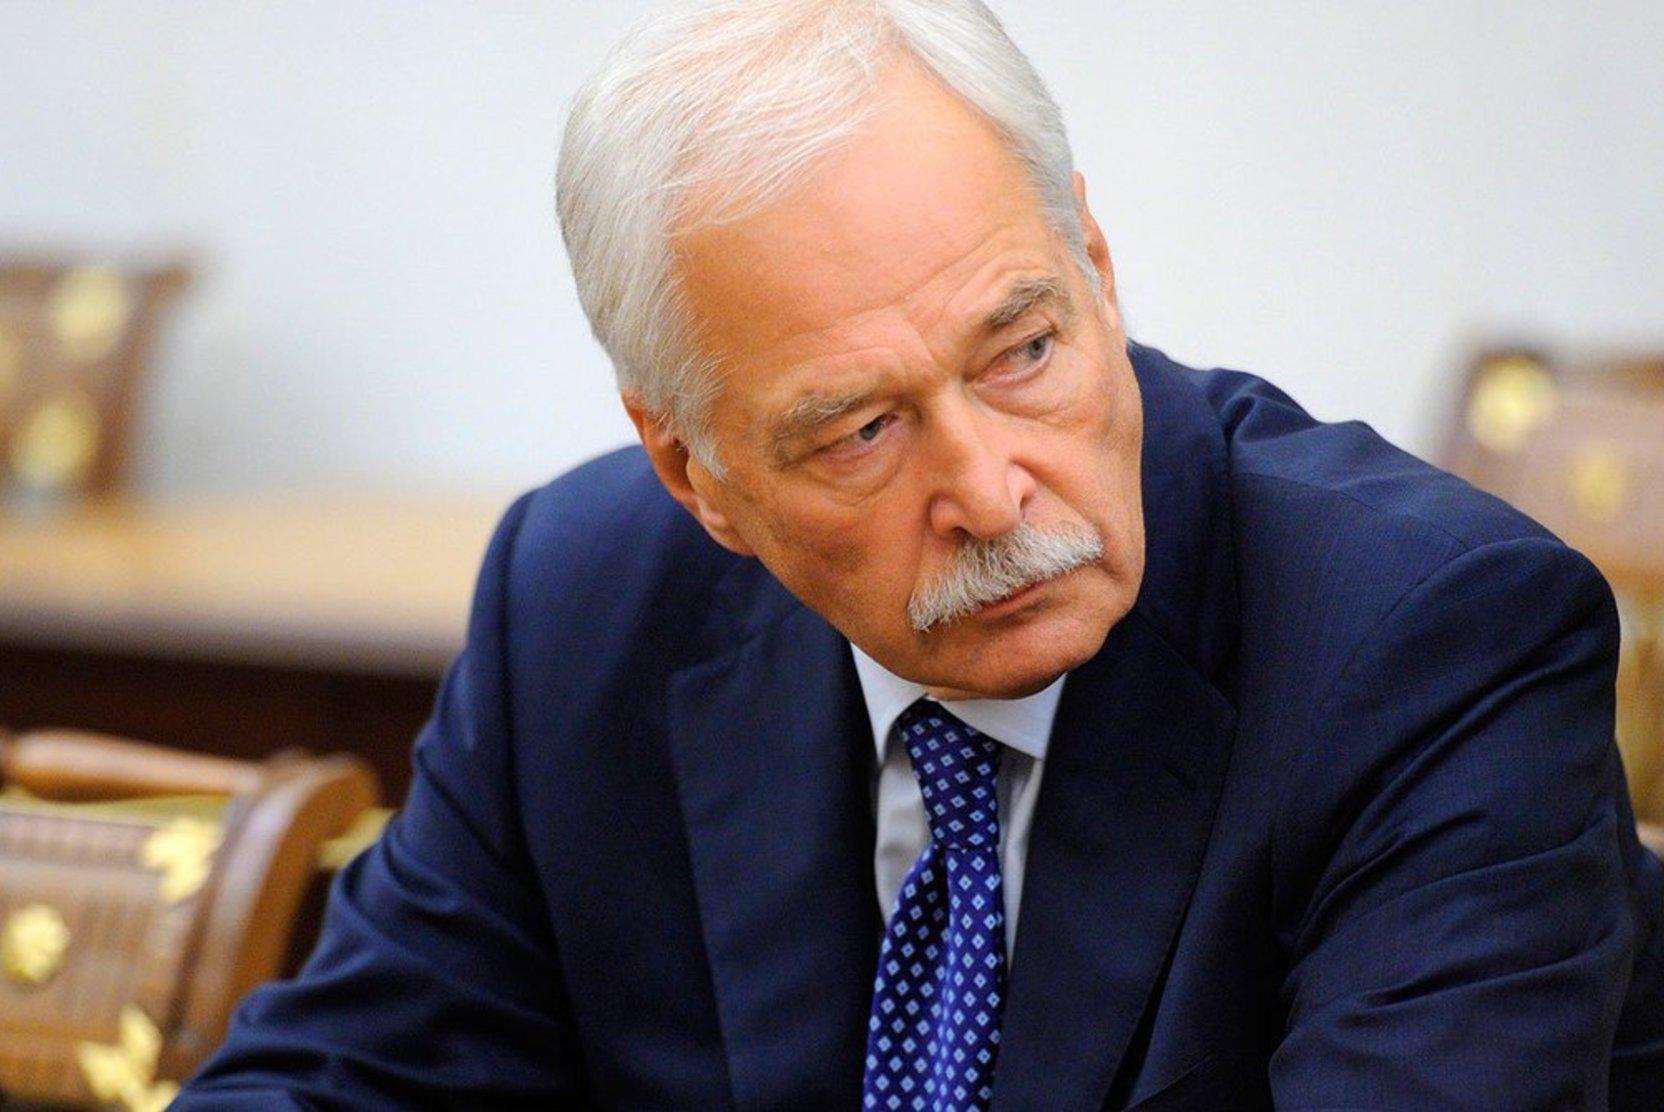 Украина заблокировала предложения РФ о механизме предотвращения нарушений перемирия в Донбассе